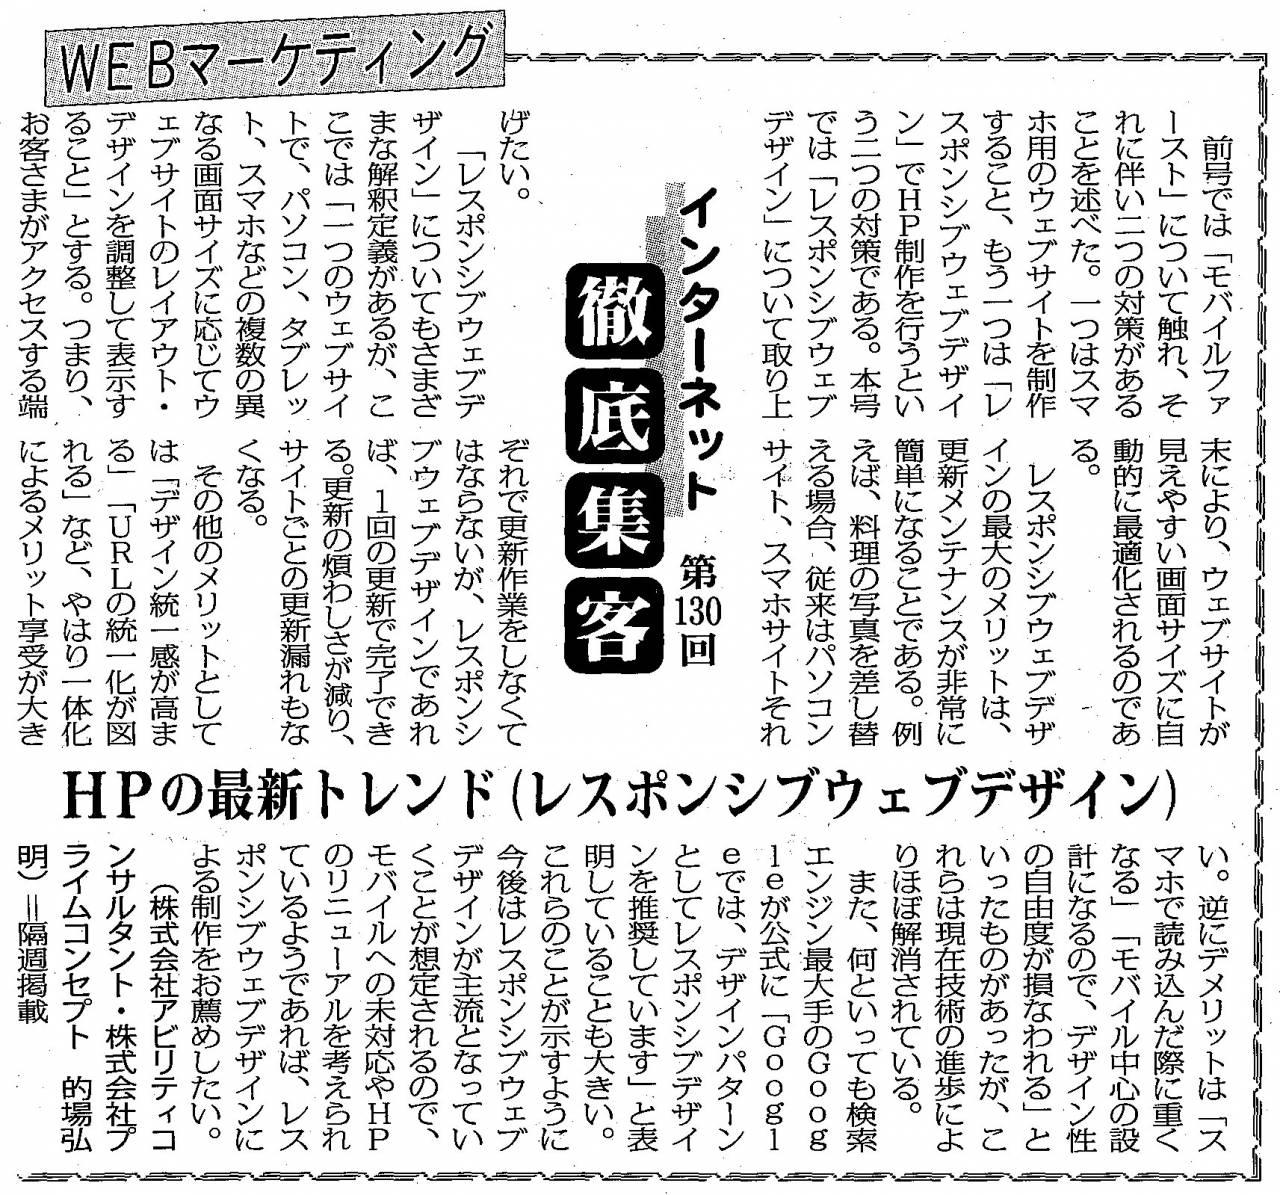 【第130回】WEBマーケティング  HPの最新トレンド(レスポンシブウェブデザイン)